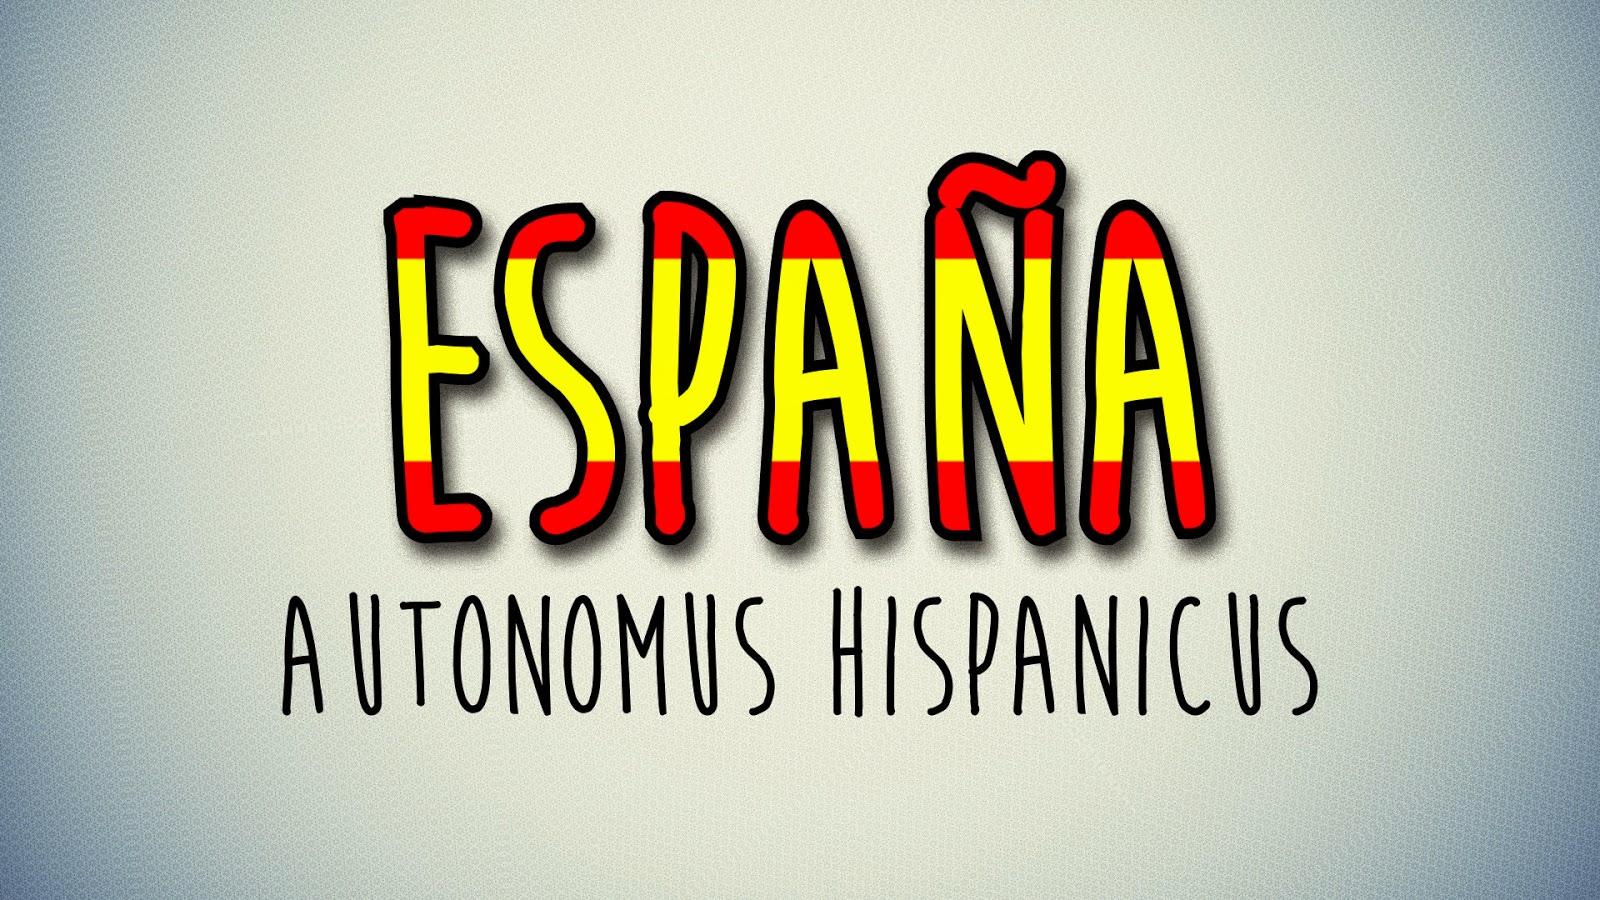 Cuanto paga un autonomo en España